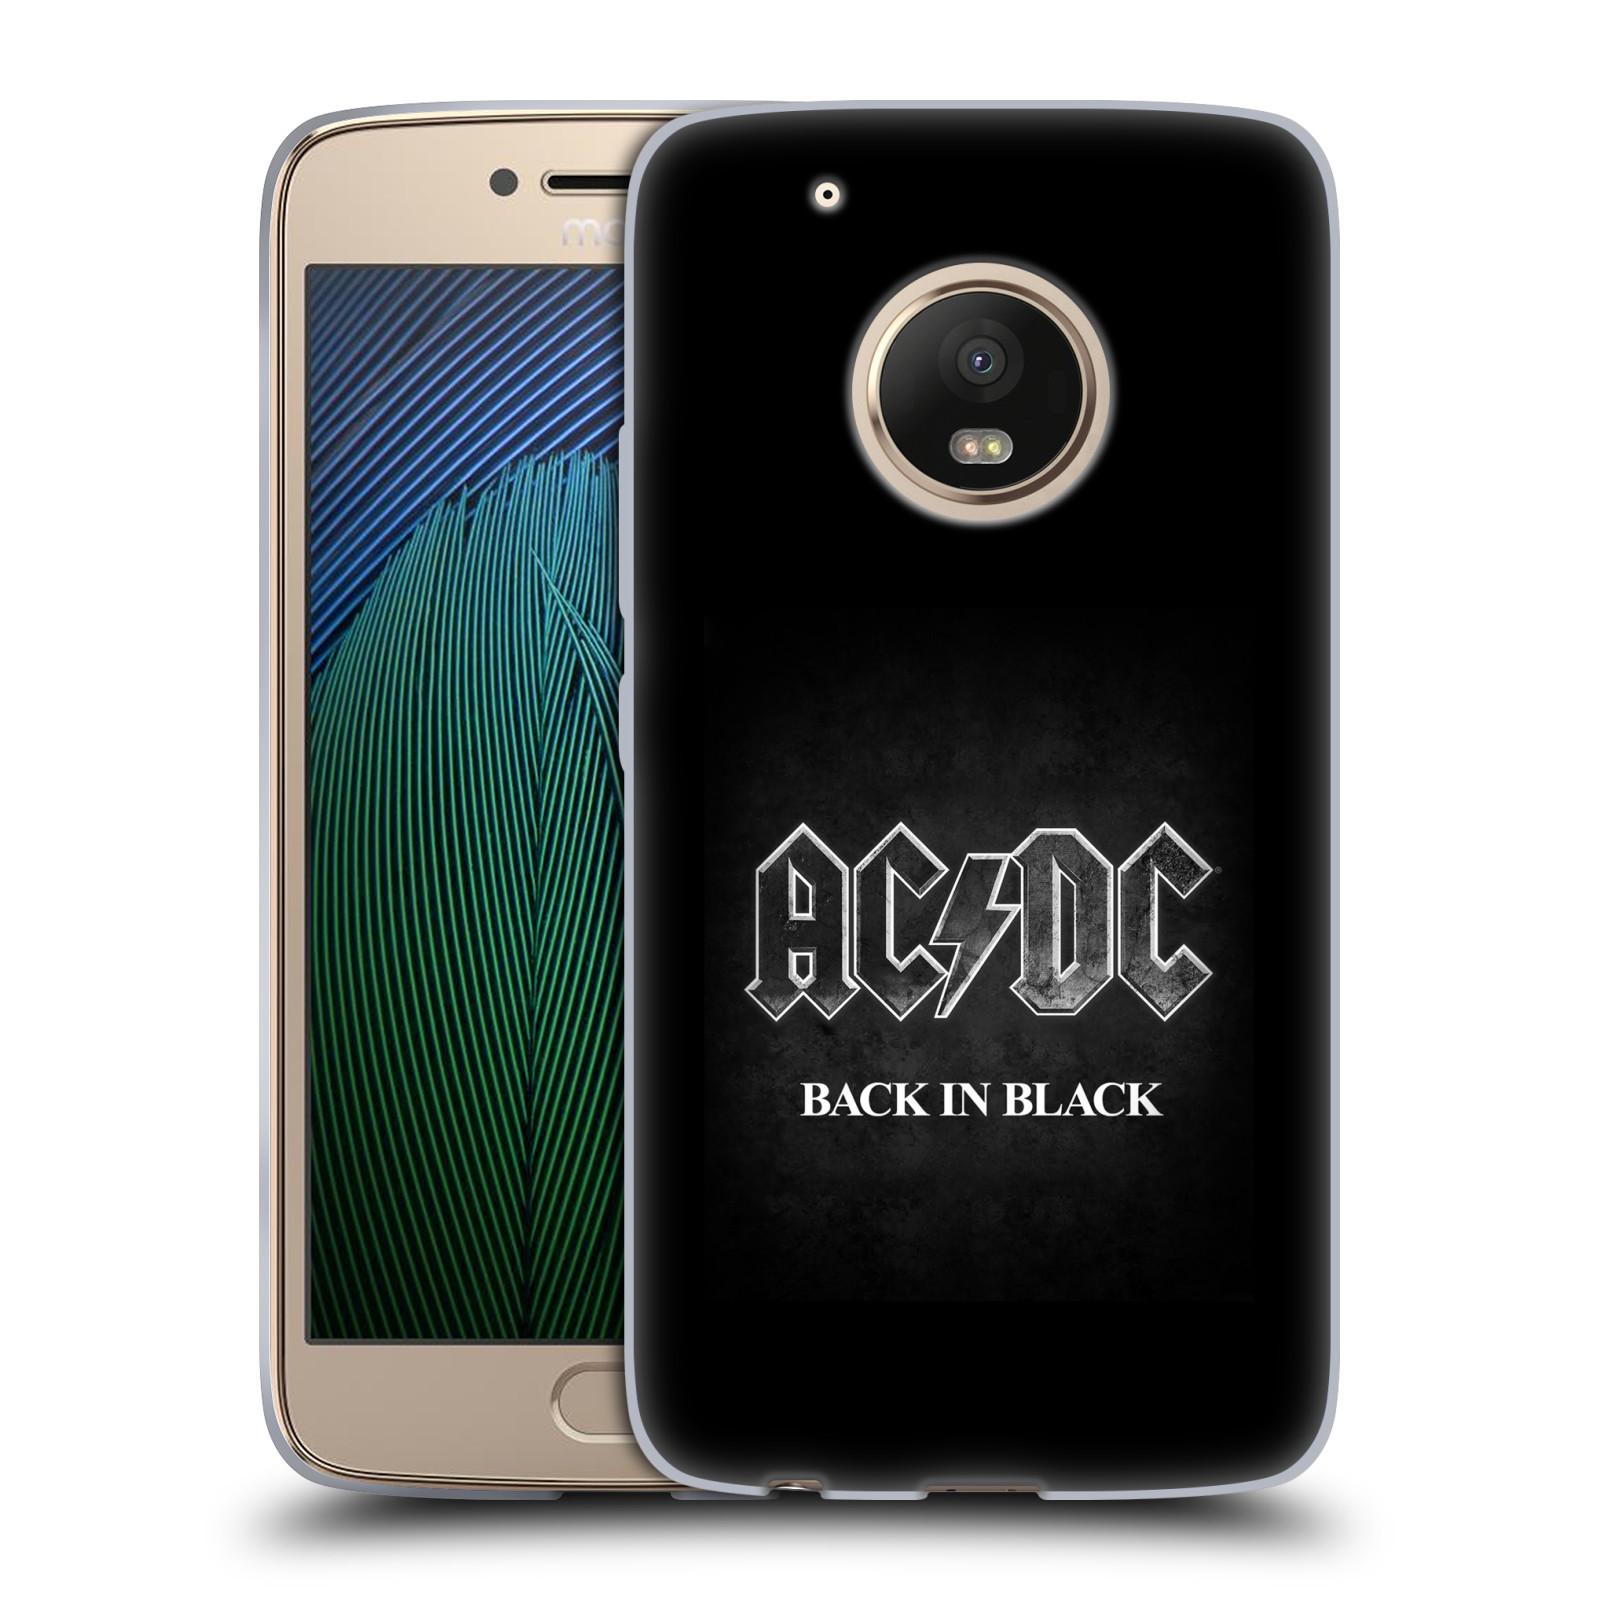 Silikonové pouzdro na mobil Lenovo Moto G5 Plus - Head Case AC/DC BACK IN BLACK (Silikonový kryt či obal na mobilní telefon s oficiálním motivem australské skupiny AC/DC pro Lenovo Moto G5 Plus)